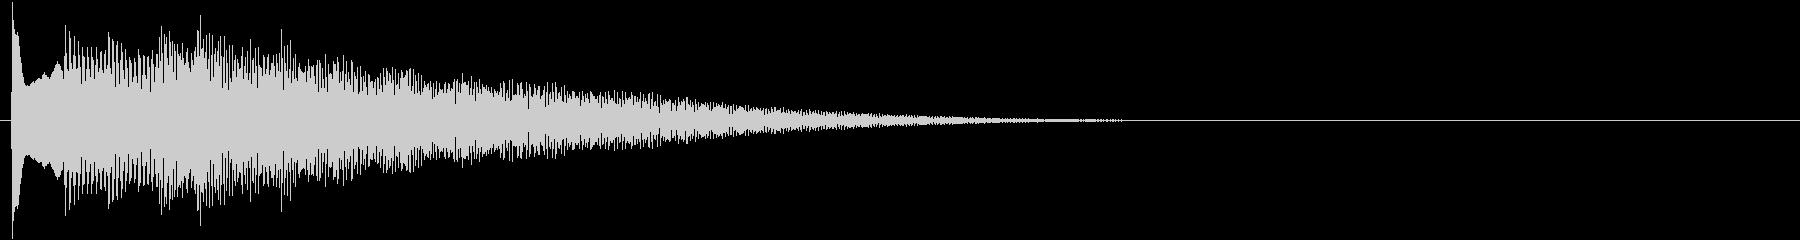 フレーズ系05 文字、テロップ表示(中)の未再生の波形